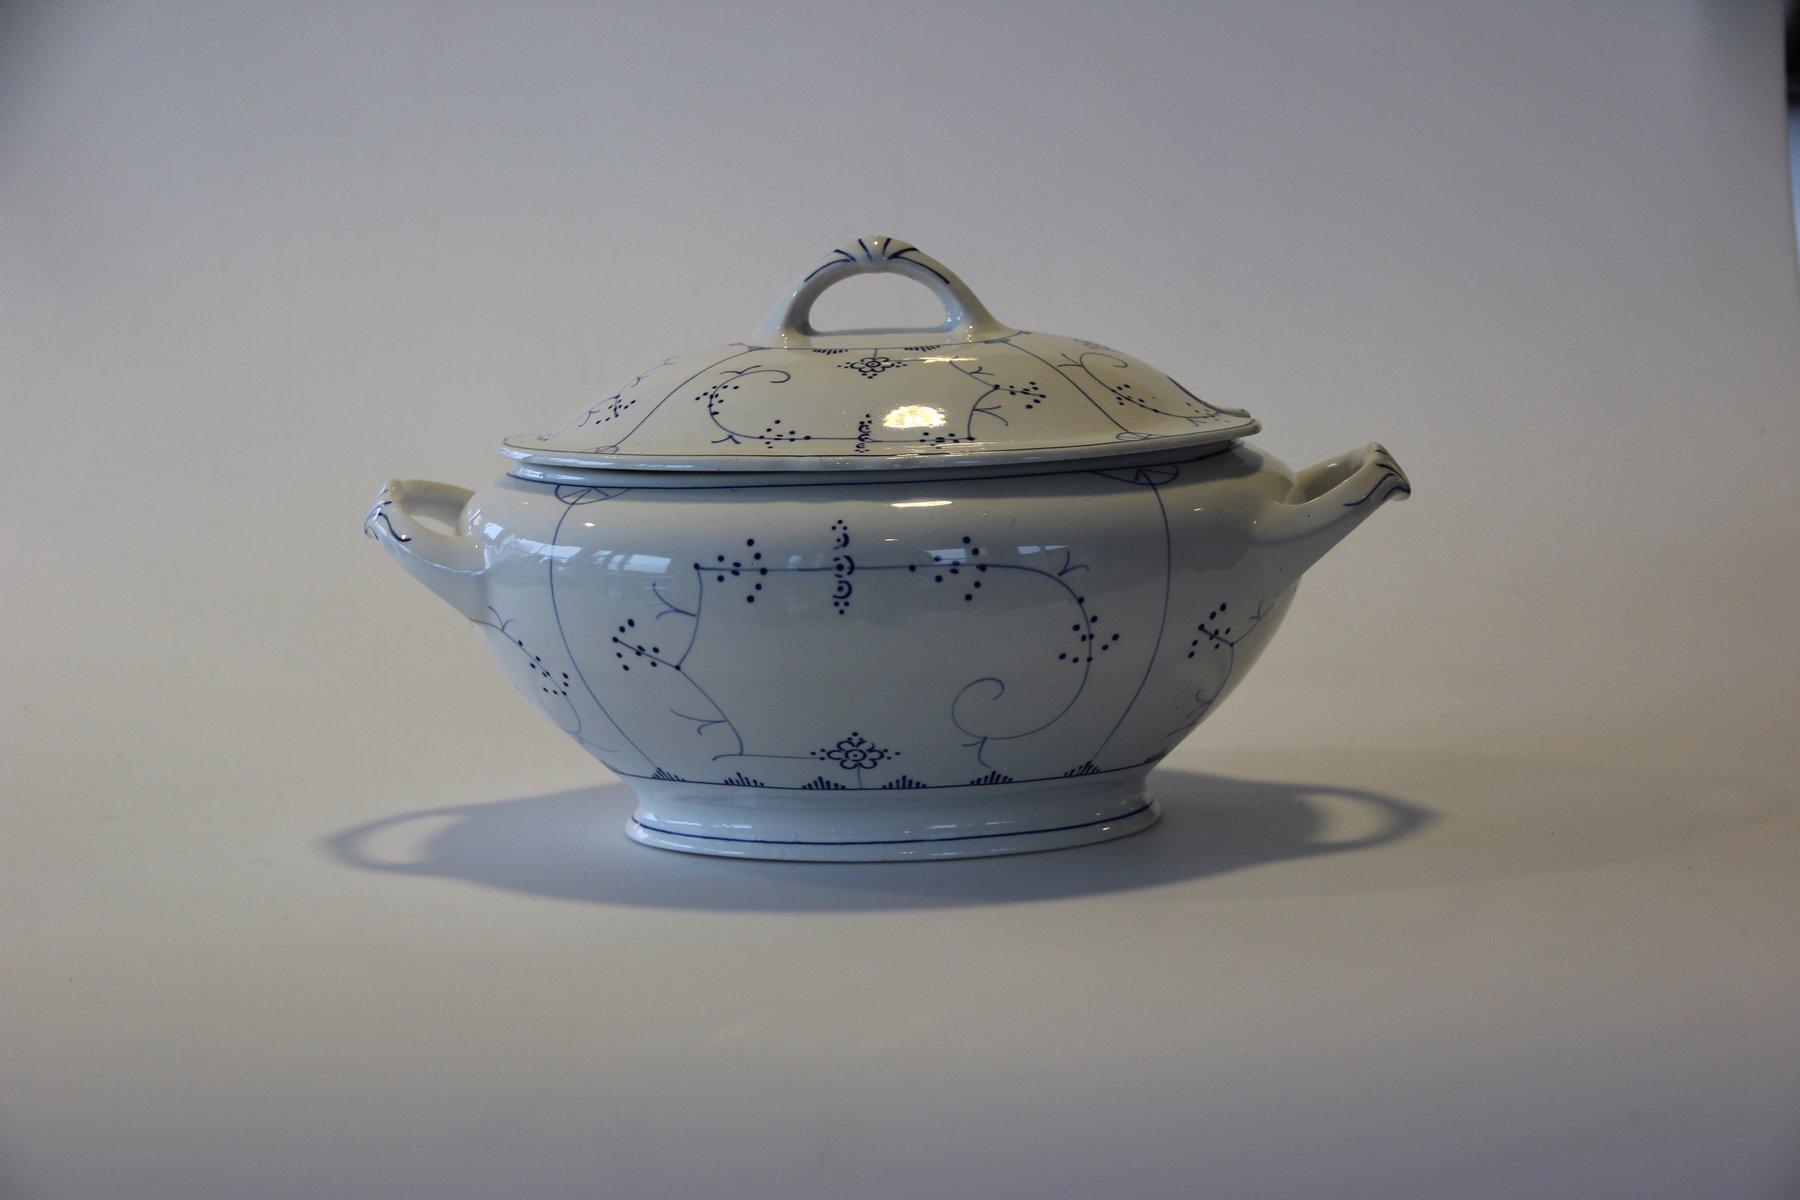 Antique porcelain serving dish from villeroy boch for for Villeroy boch sale